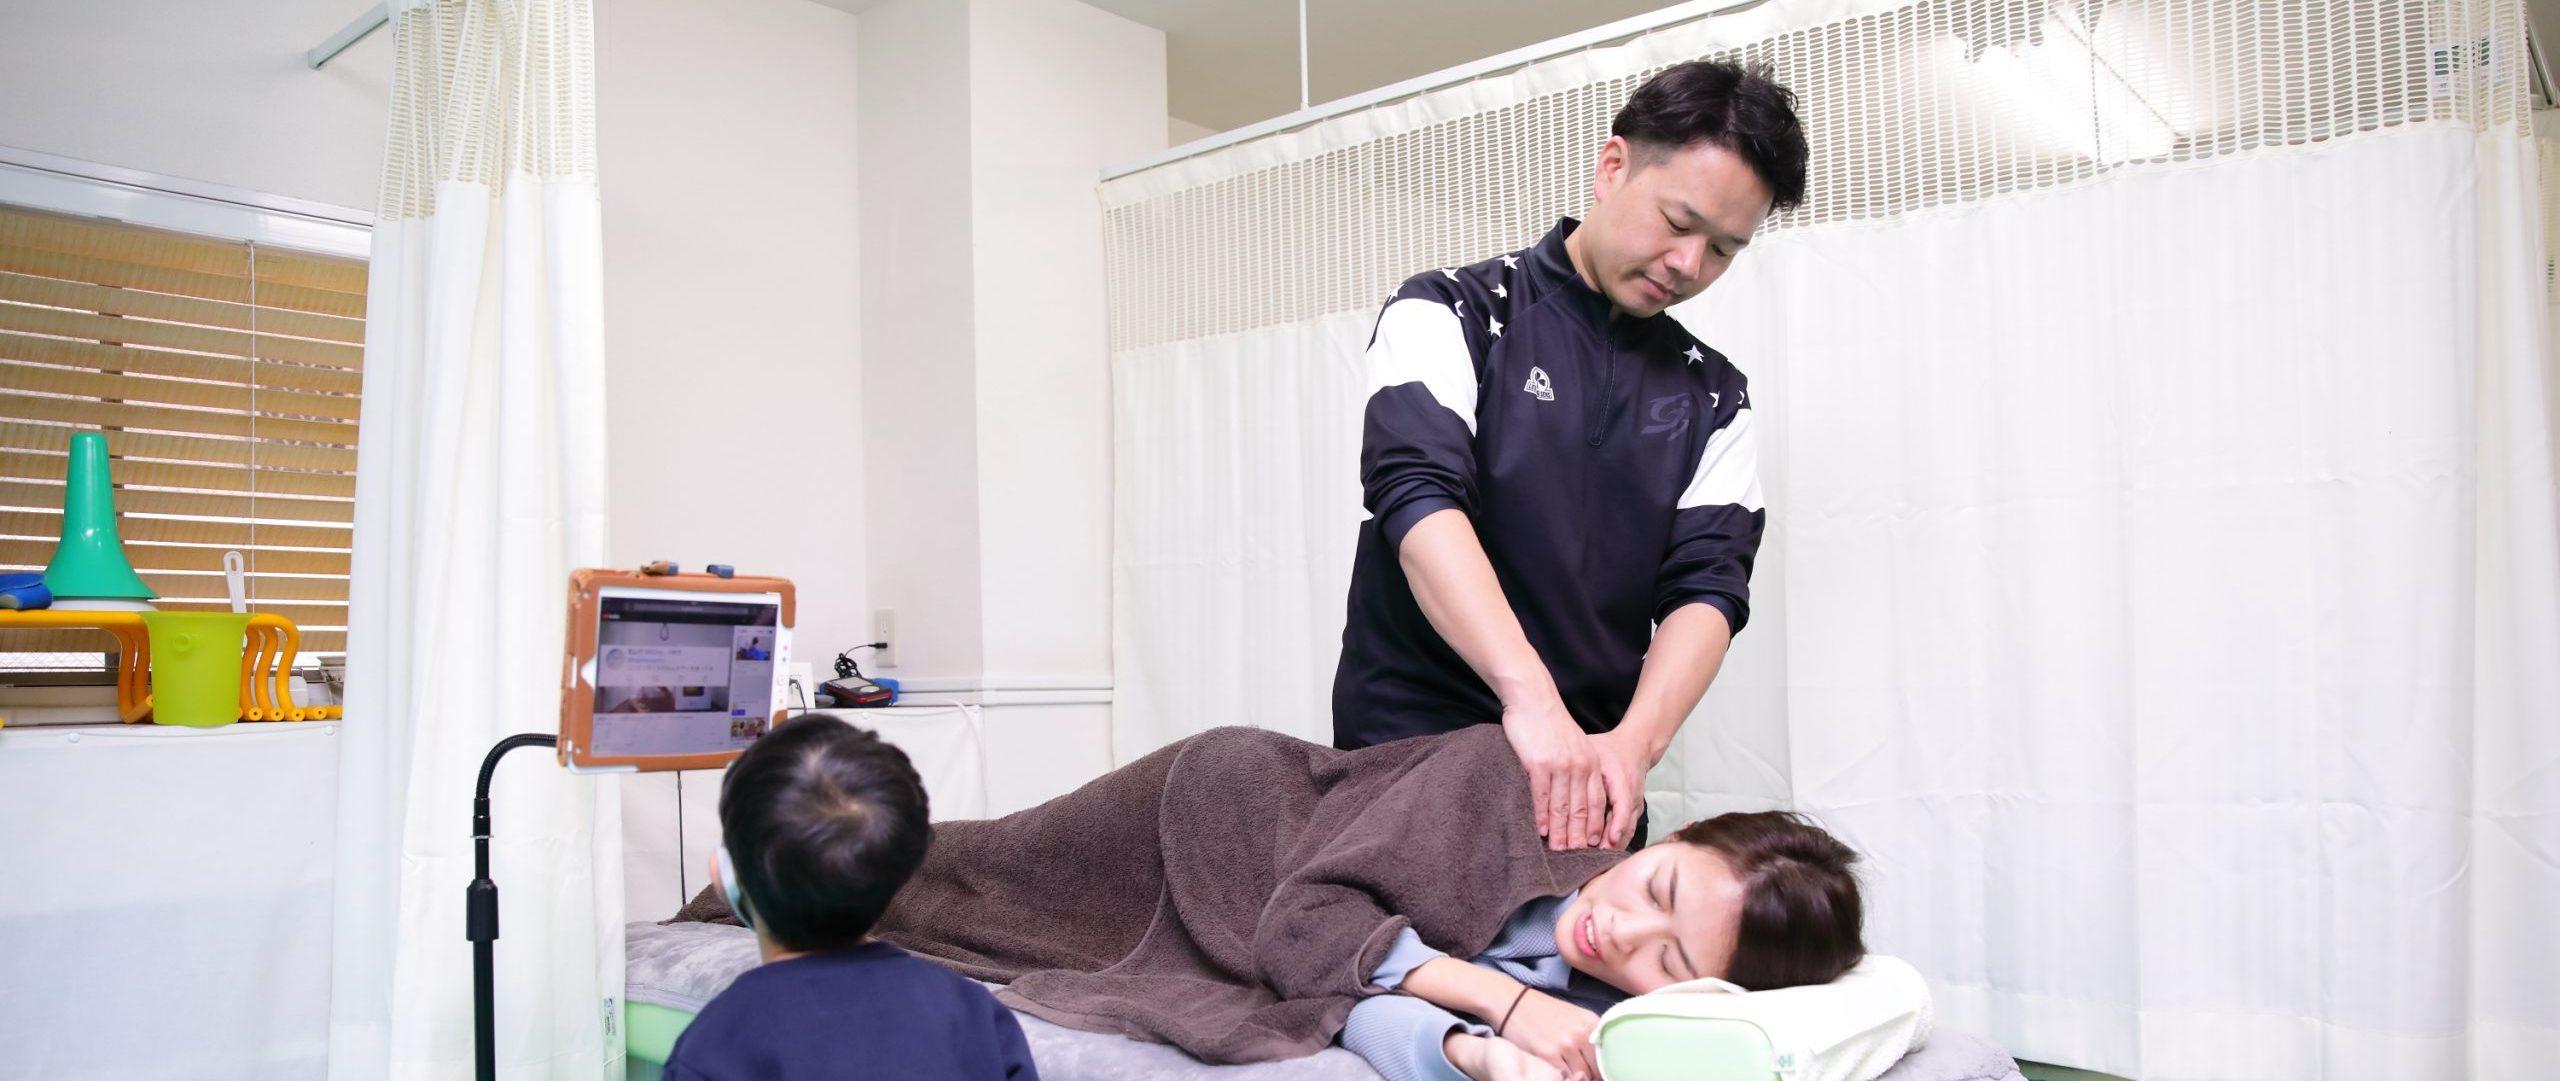 猫背矯正|戸田市で姿勢改善・骨格バランスの調整なら、戸田スポーツ接骨院